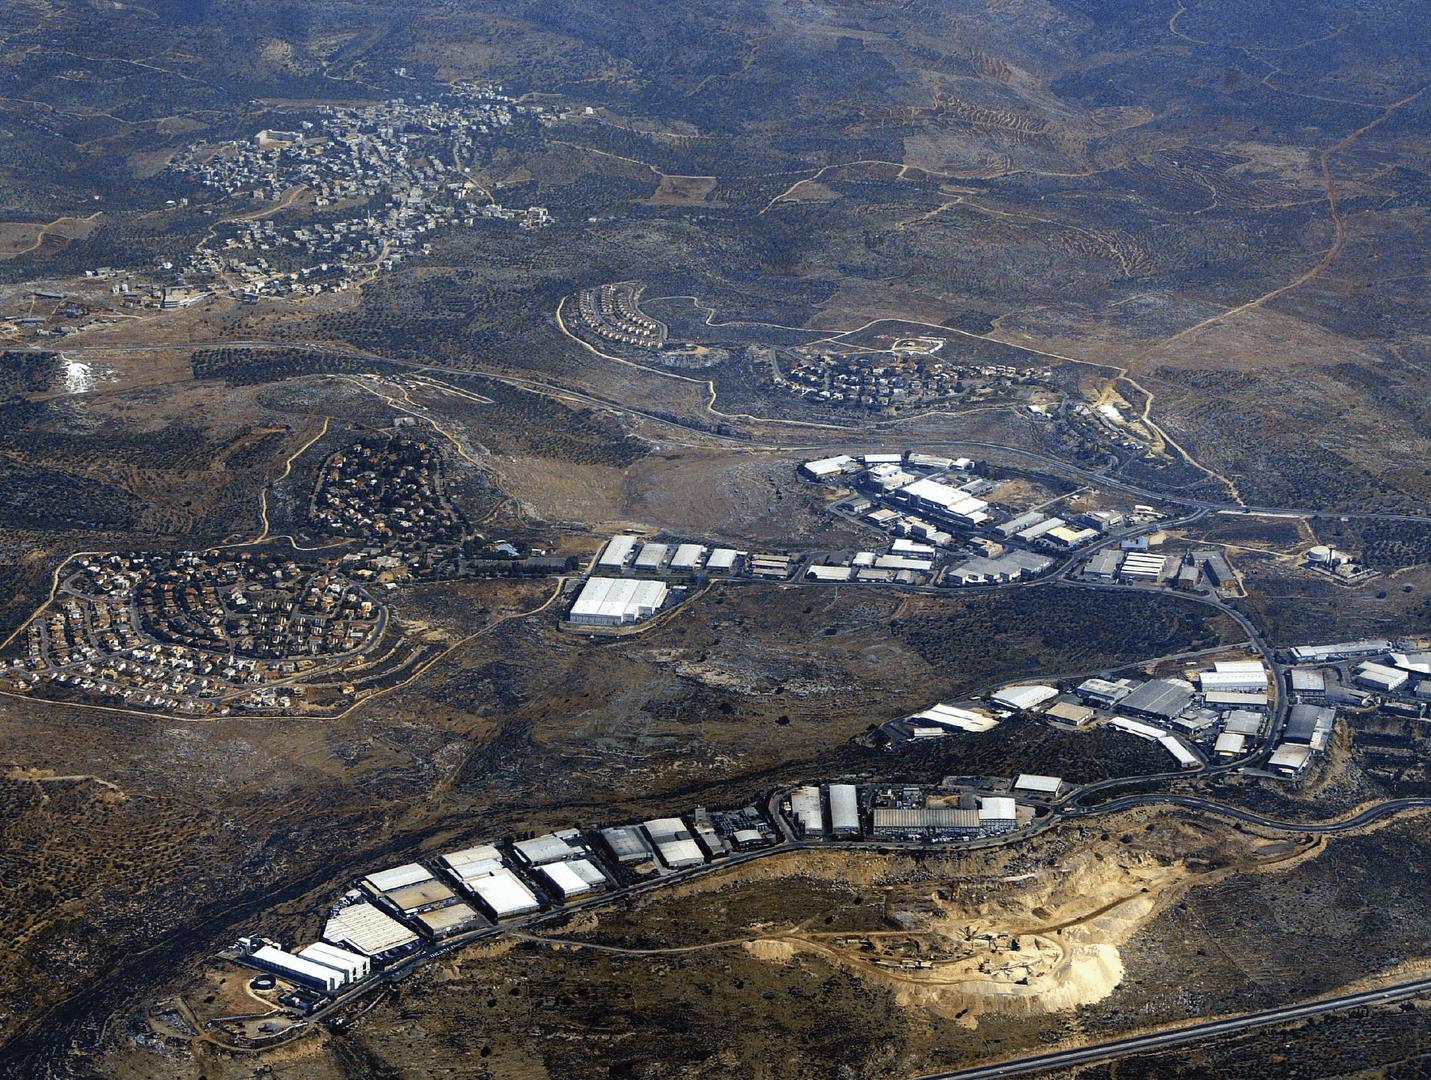 Barkan, na Cisjordânia ocupada, é um assentamento israelense residencial e uma zona industrial que abriga cerca de 120 fábricas que exportam quase 80 por cento de seus produtos. Ao fundo está o vilarejo palestino de Bani Hassan Qarawat .